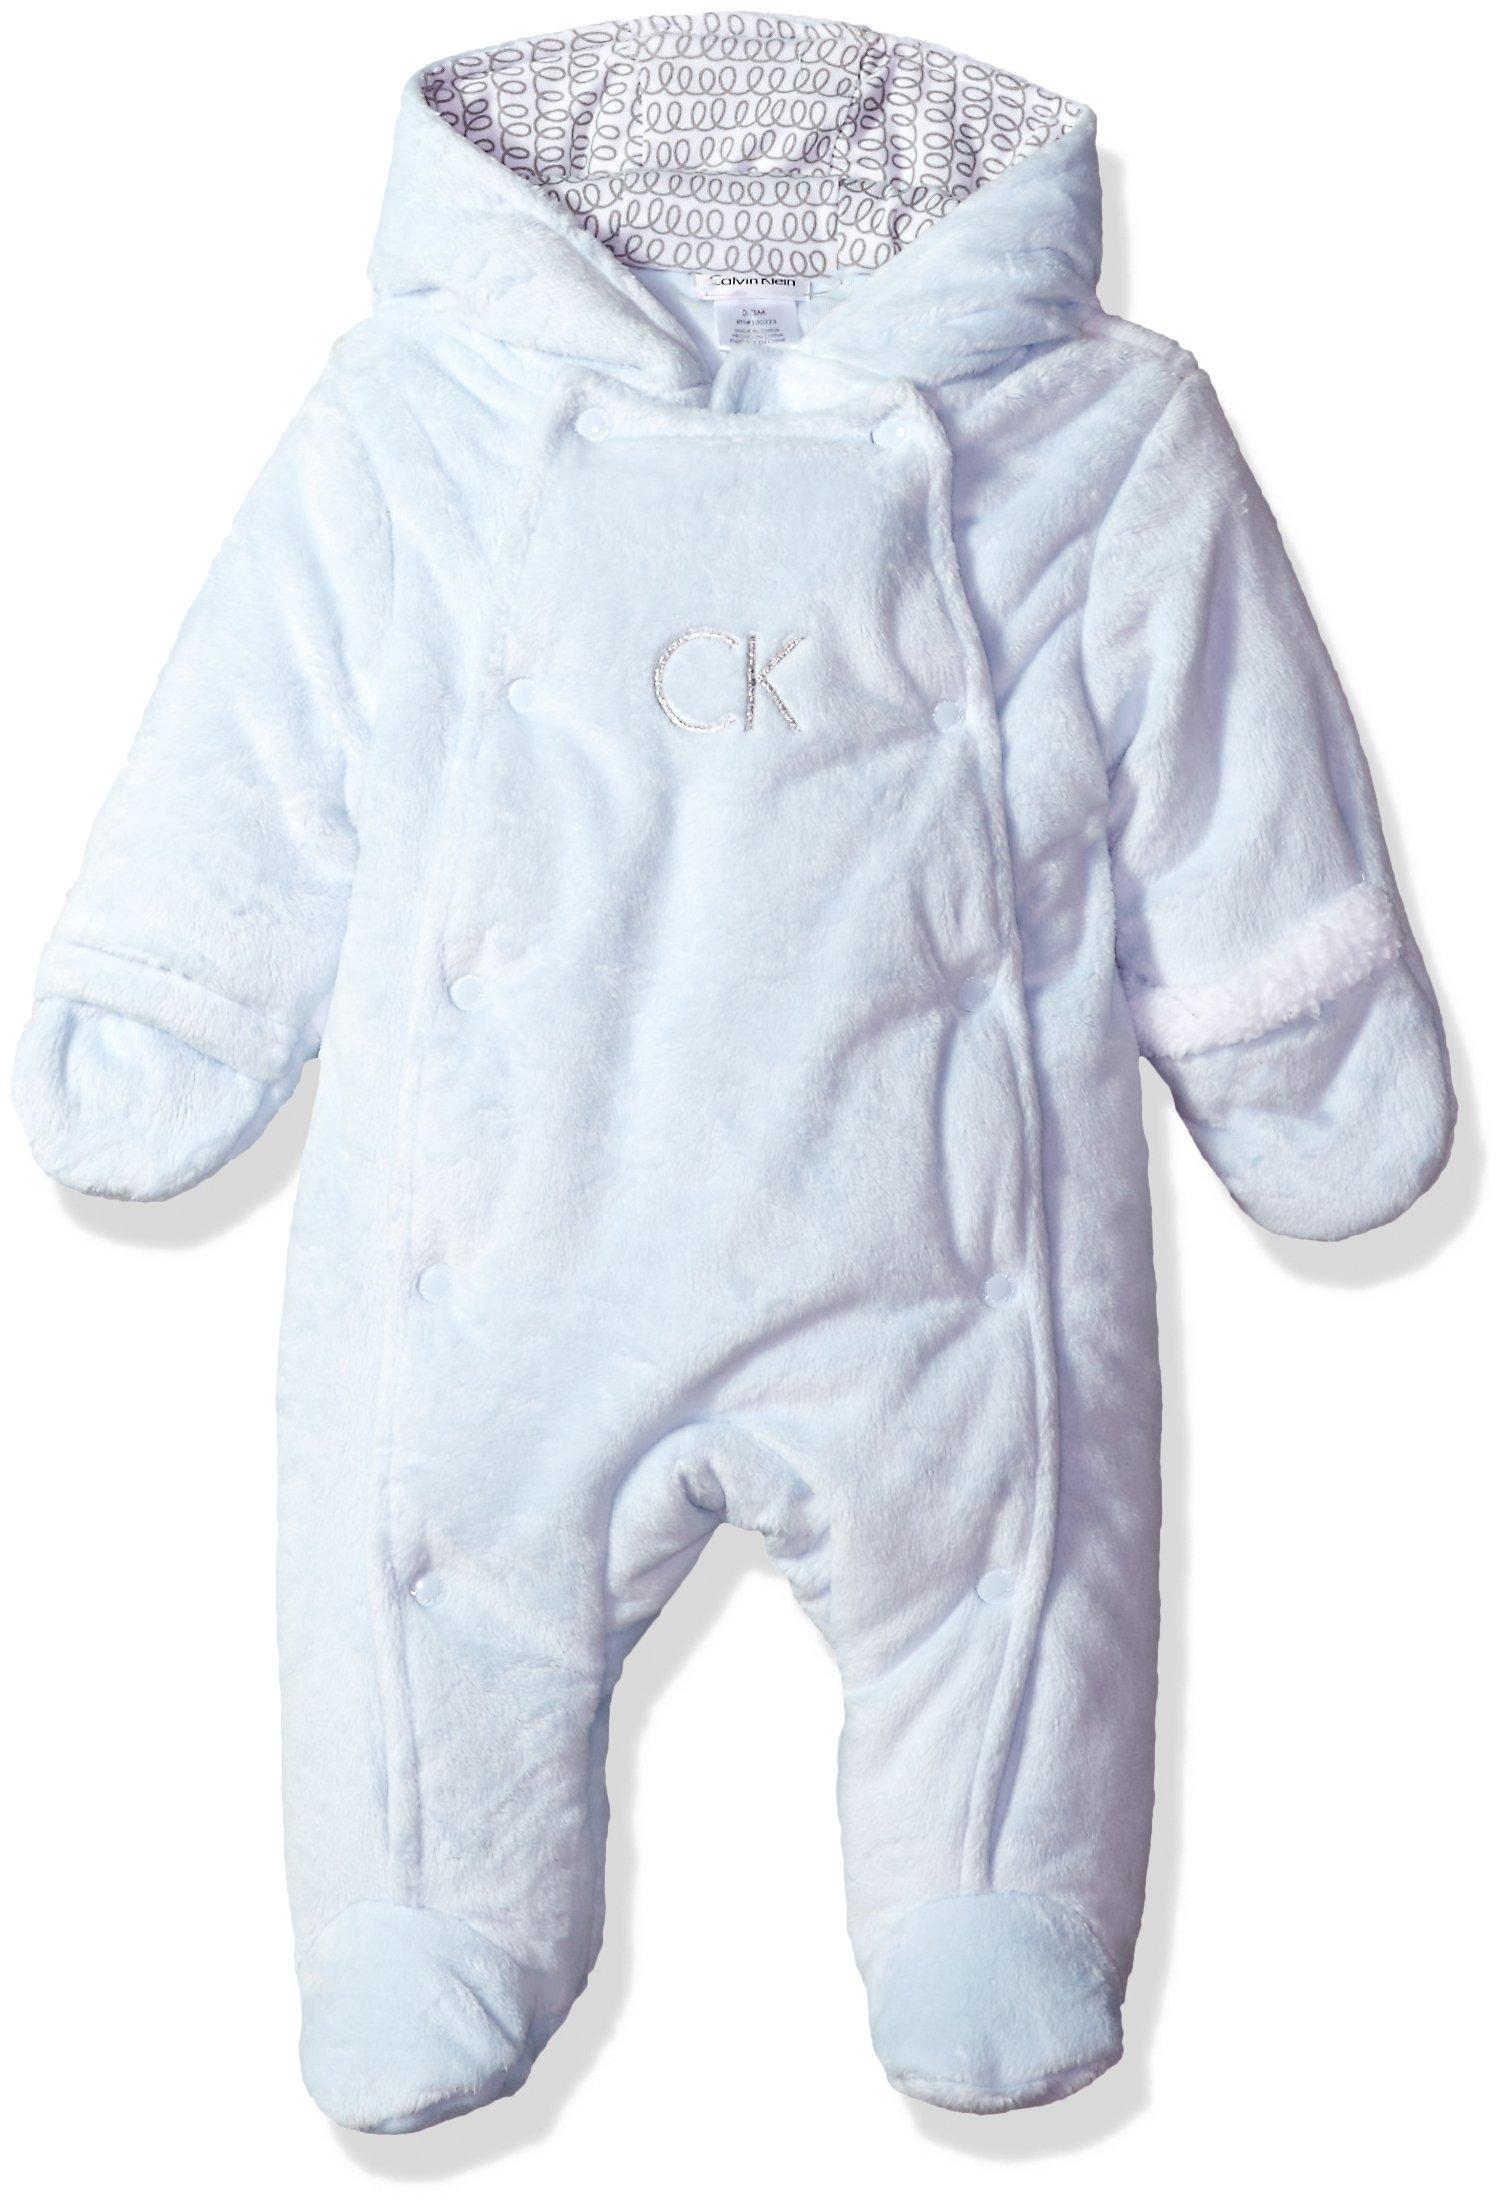 Calvin Klein Baby Boys' Silky Sherpa Pram, Blue, 6-9 Months